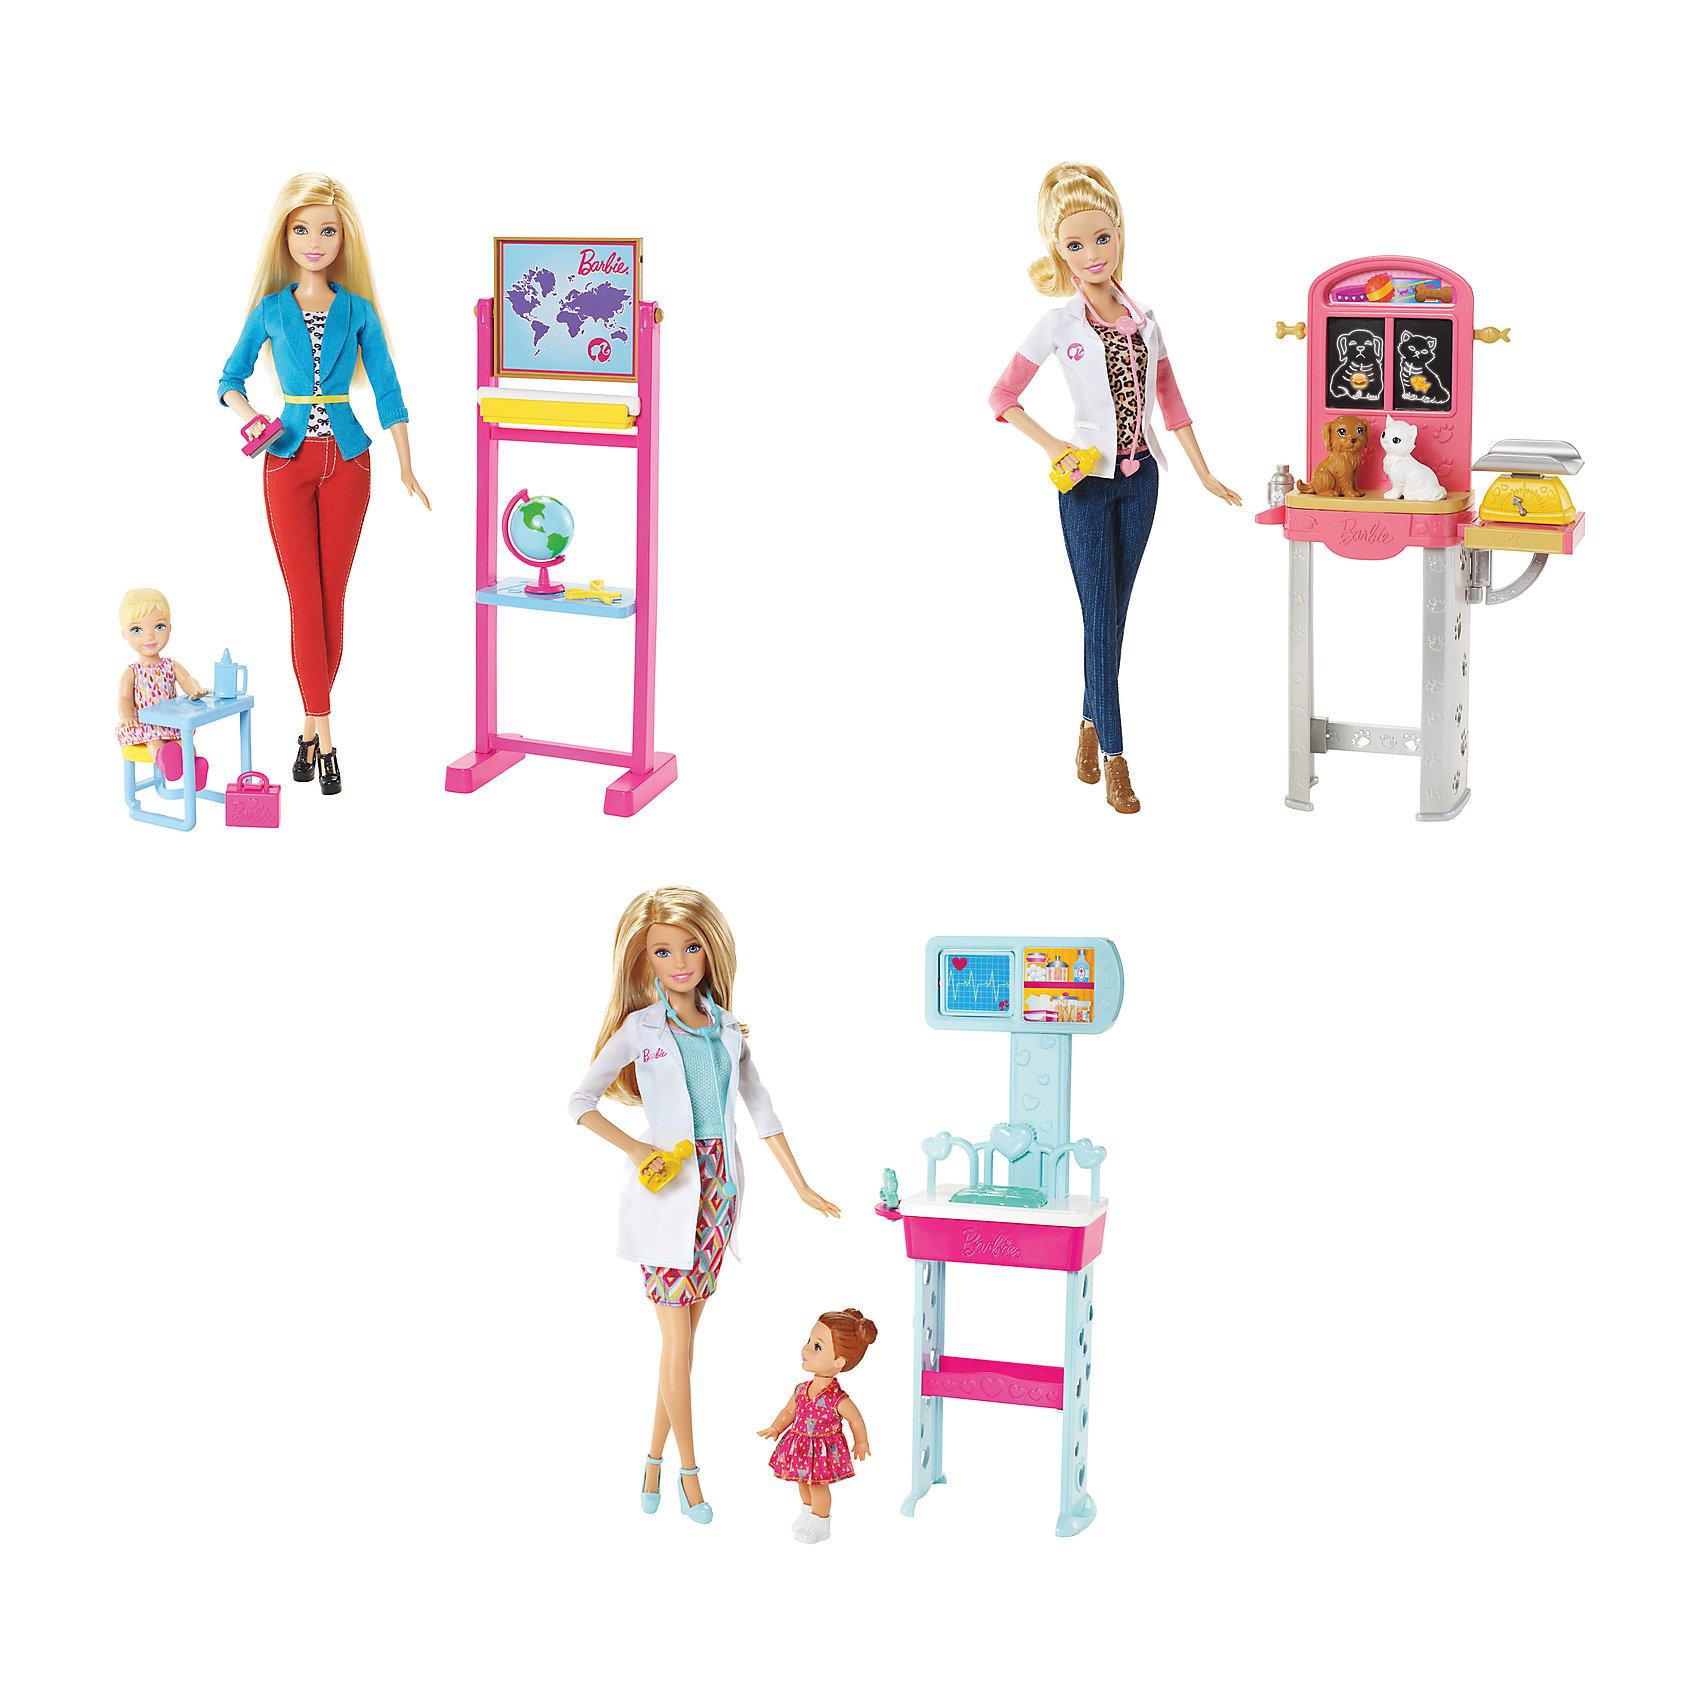 Игровой наборКем быть в ассортименте, BarbieПолные игровые наборы из серии «Кем быть» — возможность глубоко погрузиться в разные профессии! На выбор предлагаются учитель, врач и ветеринар (продаются по отдельности). В каждый набор входит одна кукла Барби, крупный аксессуар (например, школьная доска или стол для осмотра животных), мелкие аксессуары (например, стетоскоп или глобус) и ученик, пациент или животное. А кем ты хочешь стать, когда вырастешь? <br><br>Дополнительная информация:<br><br>- Материал: пластик.<br>- Размер упаковки: 21,5х6,5х32,5 см. <br>- Размер куклы: 29 см.<br>- Комплектация: кукла, большой аксессуар, аксессуары. <br>- Набор в ассортименте.<br>ВНИМАНИЕ! Данный артикул представлен в разных вариантах исполнения. К сожалению, заранее выбрать определенный вариант невозможно. При заказе нескольких наборов возможно получение одинаковых.<br><br>Игровые наборы из серии Кем быть?, Barbie (Барби), в ассортименте, можно купить в нашем магазине.<br><br>Ширина мм: 215<br>Глубина мм: 65<br>Высота мм: 325<br>Вес г: 473<br>Возраст от месяцев: 36<br>Возраст до месяцев: 96<br>Пол: Женский<br>Возраст: Детский<br>SKU: 4051922